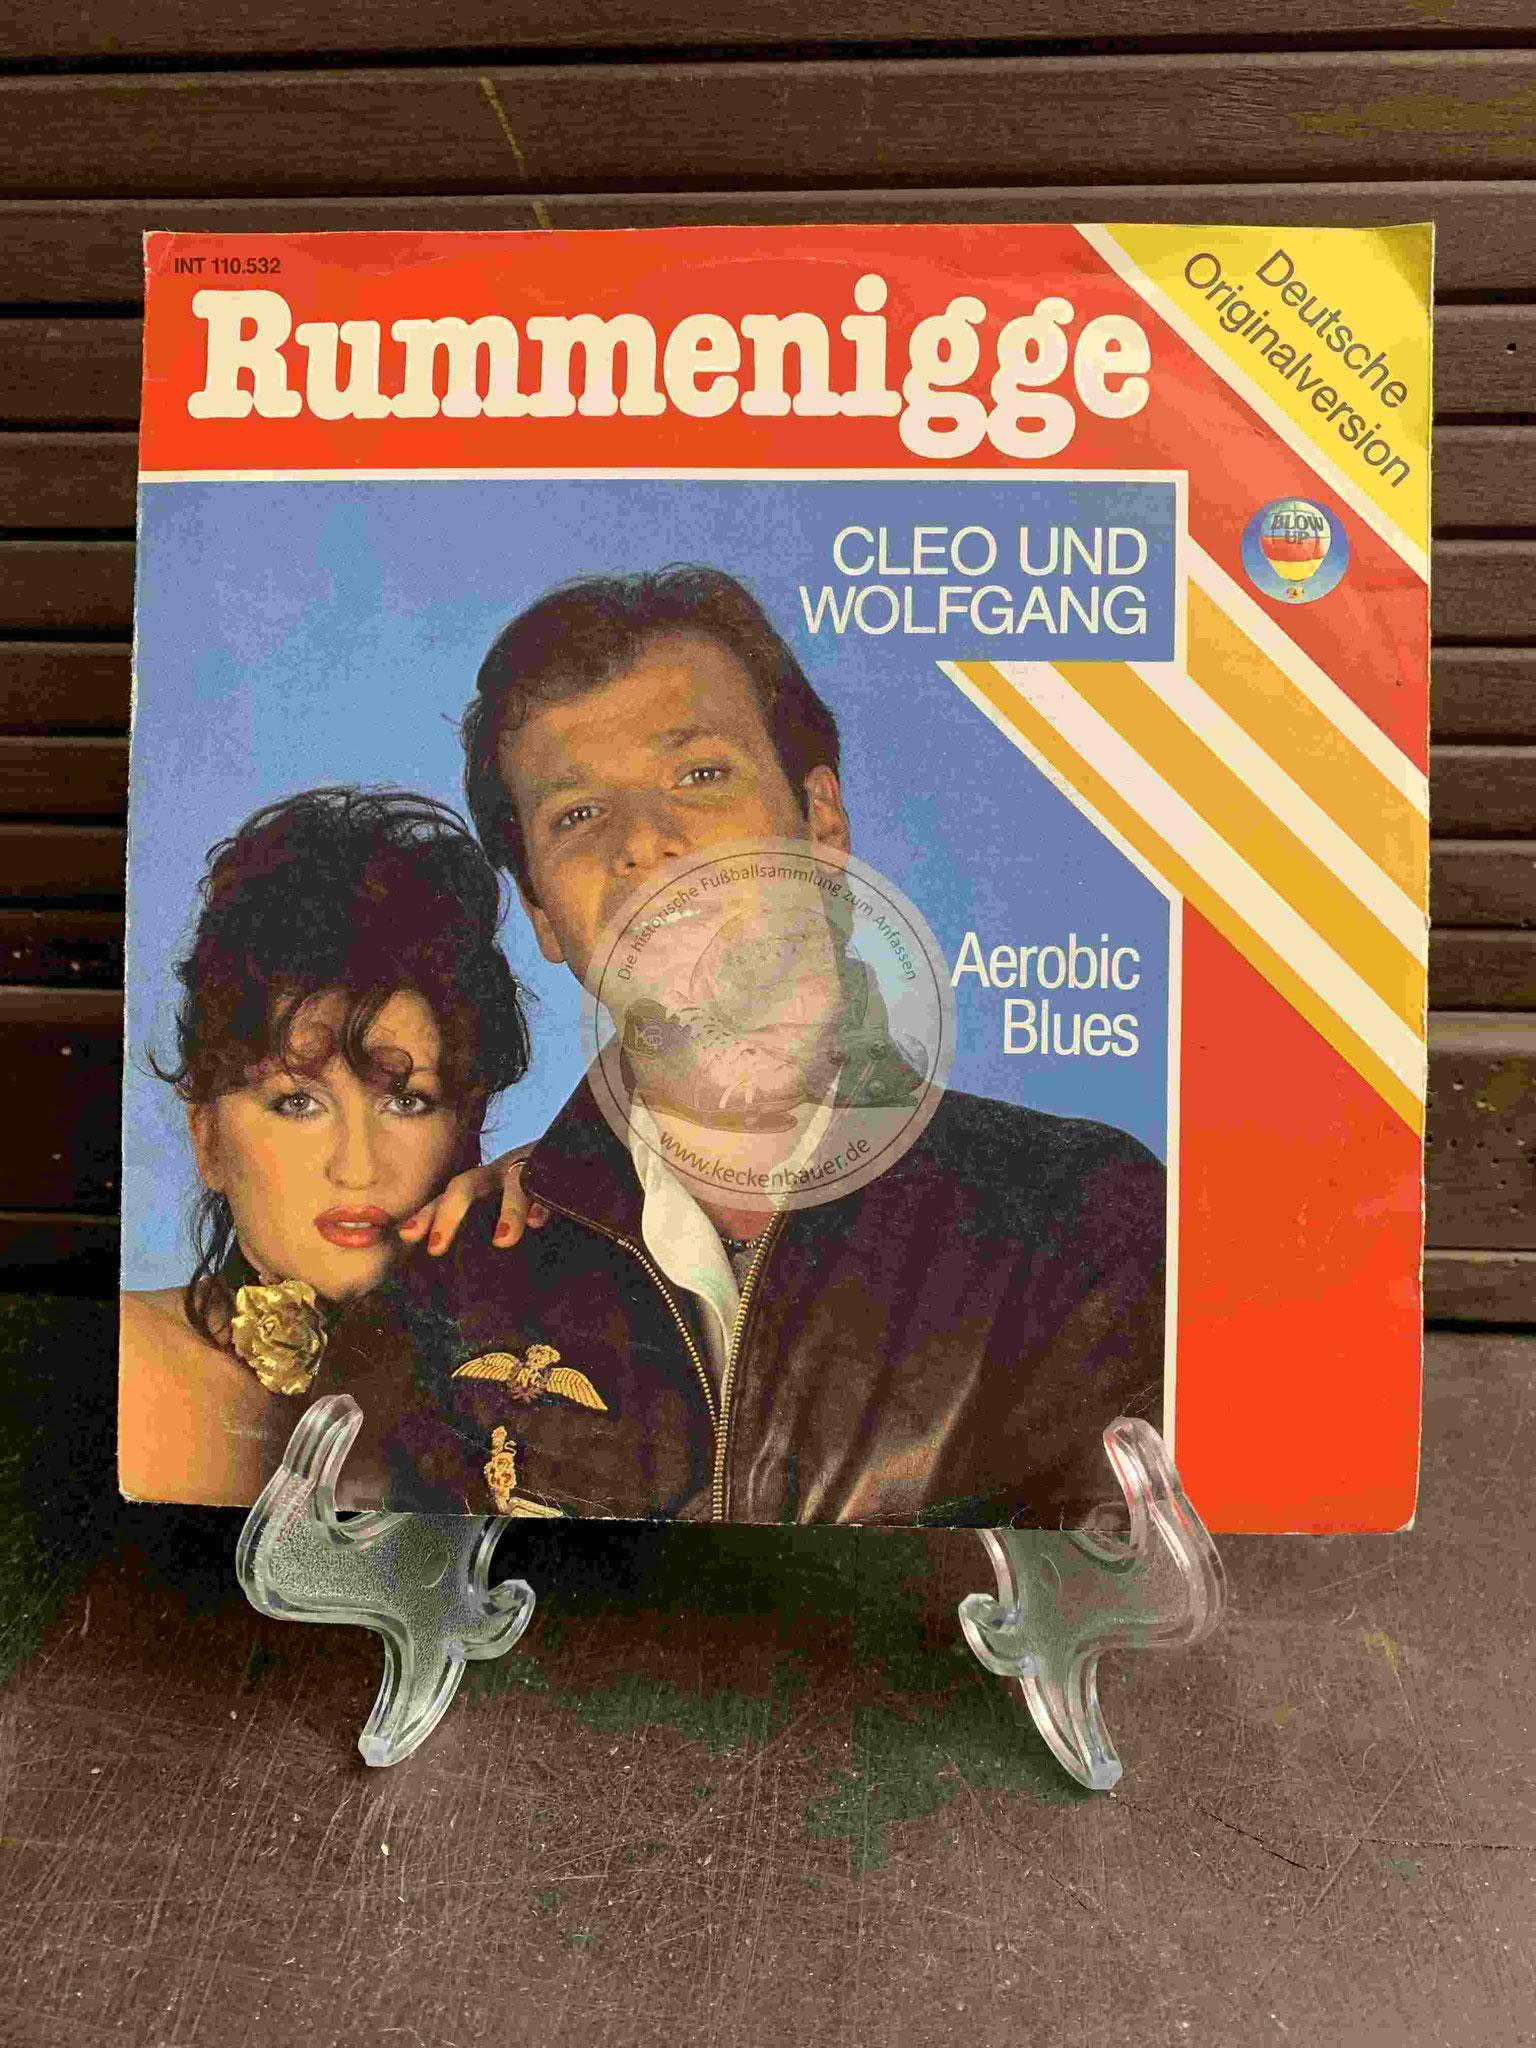 1983 Fußball-Single Rummenigge von Cleo und Wolfgang Deutsche Version